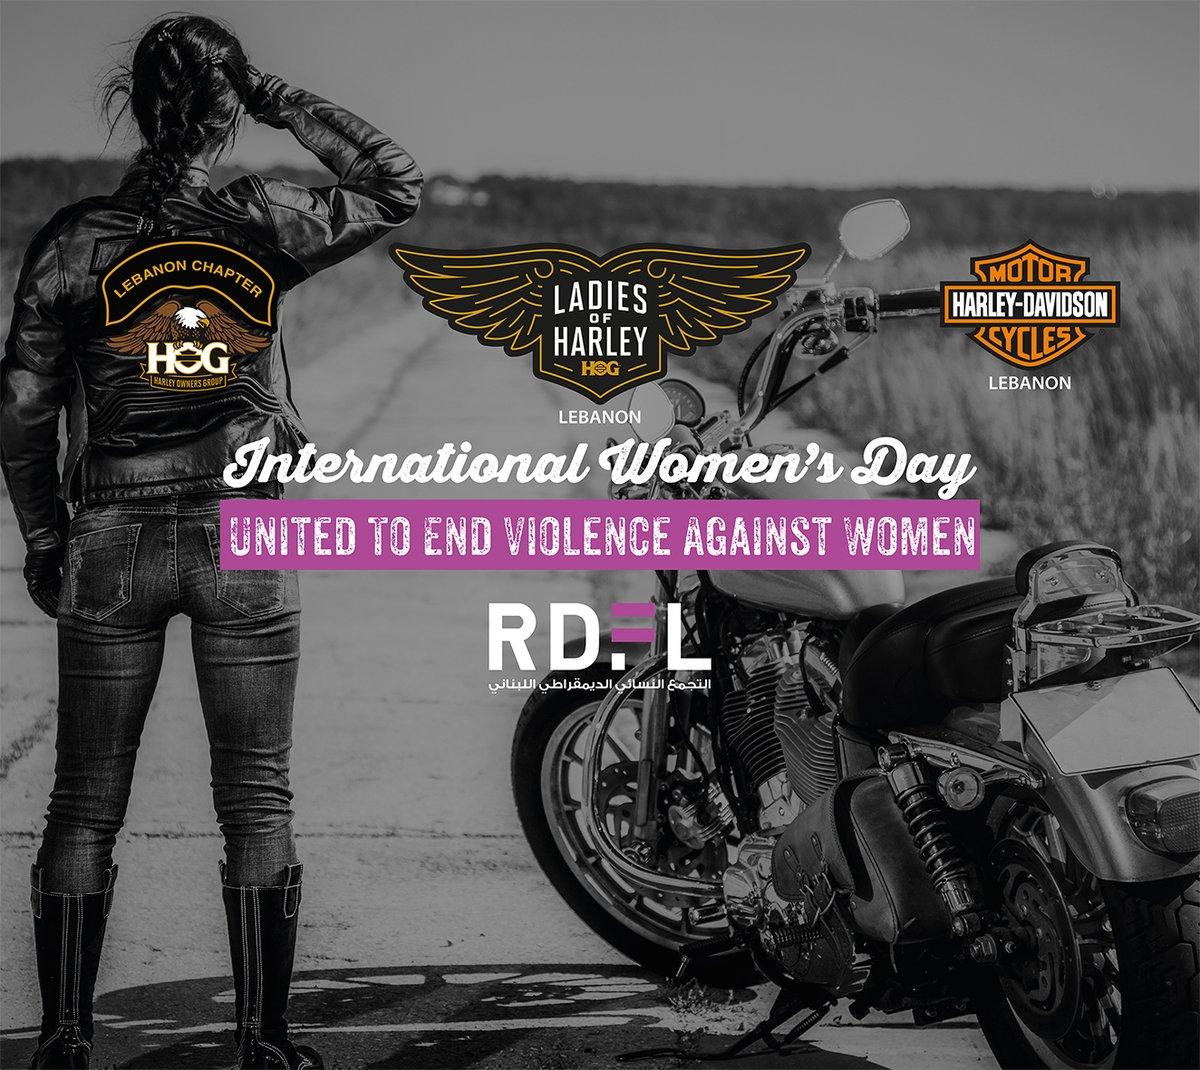 Of hog ladies Harley Owners